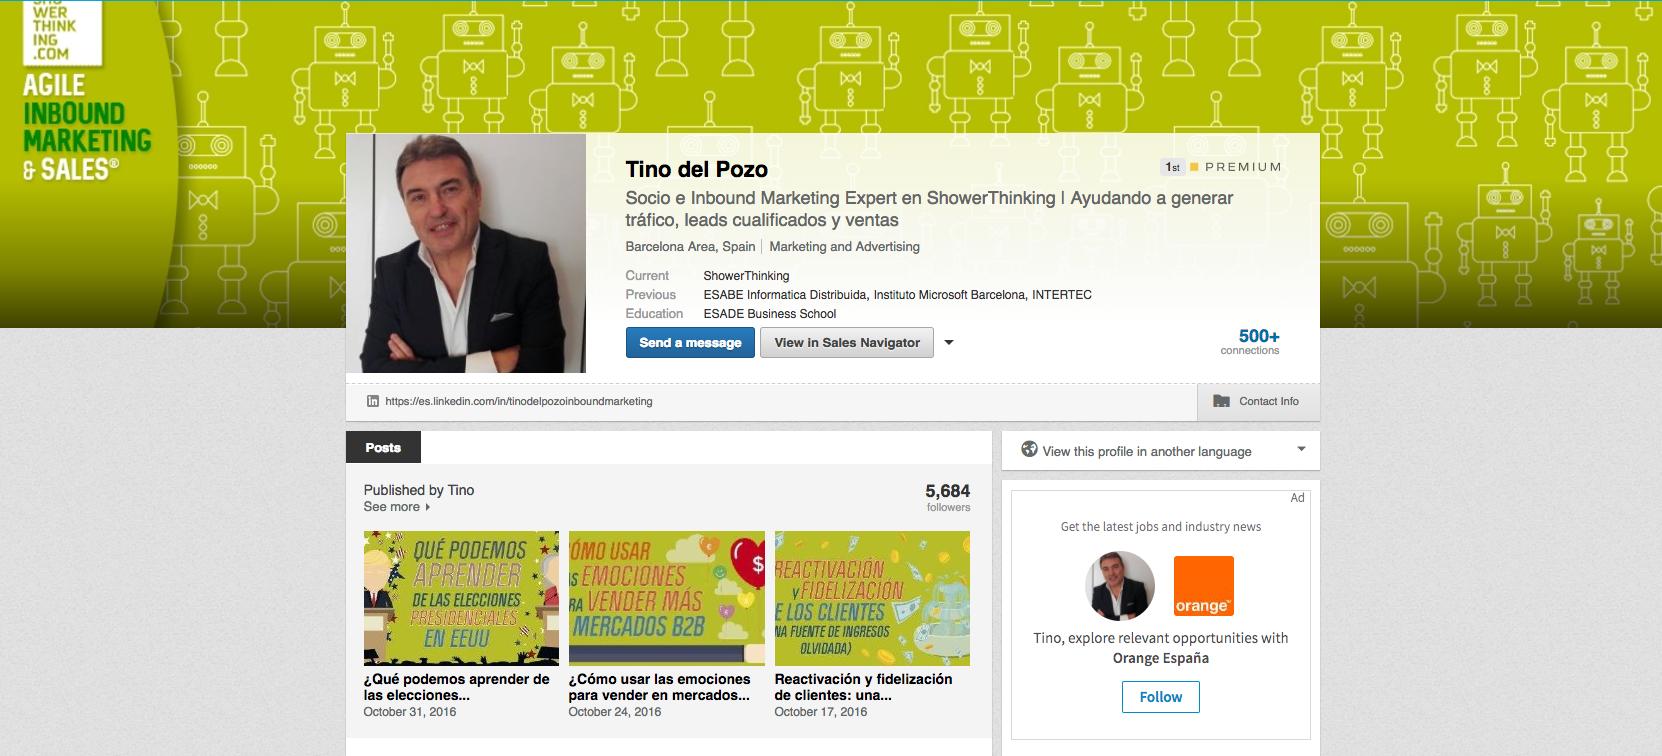 Cómo captar leads B2B en LinkedIn con Inbound Marketing?